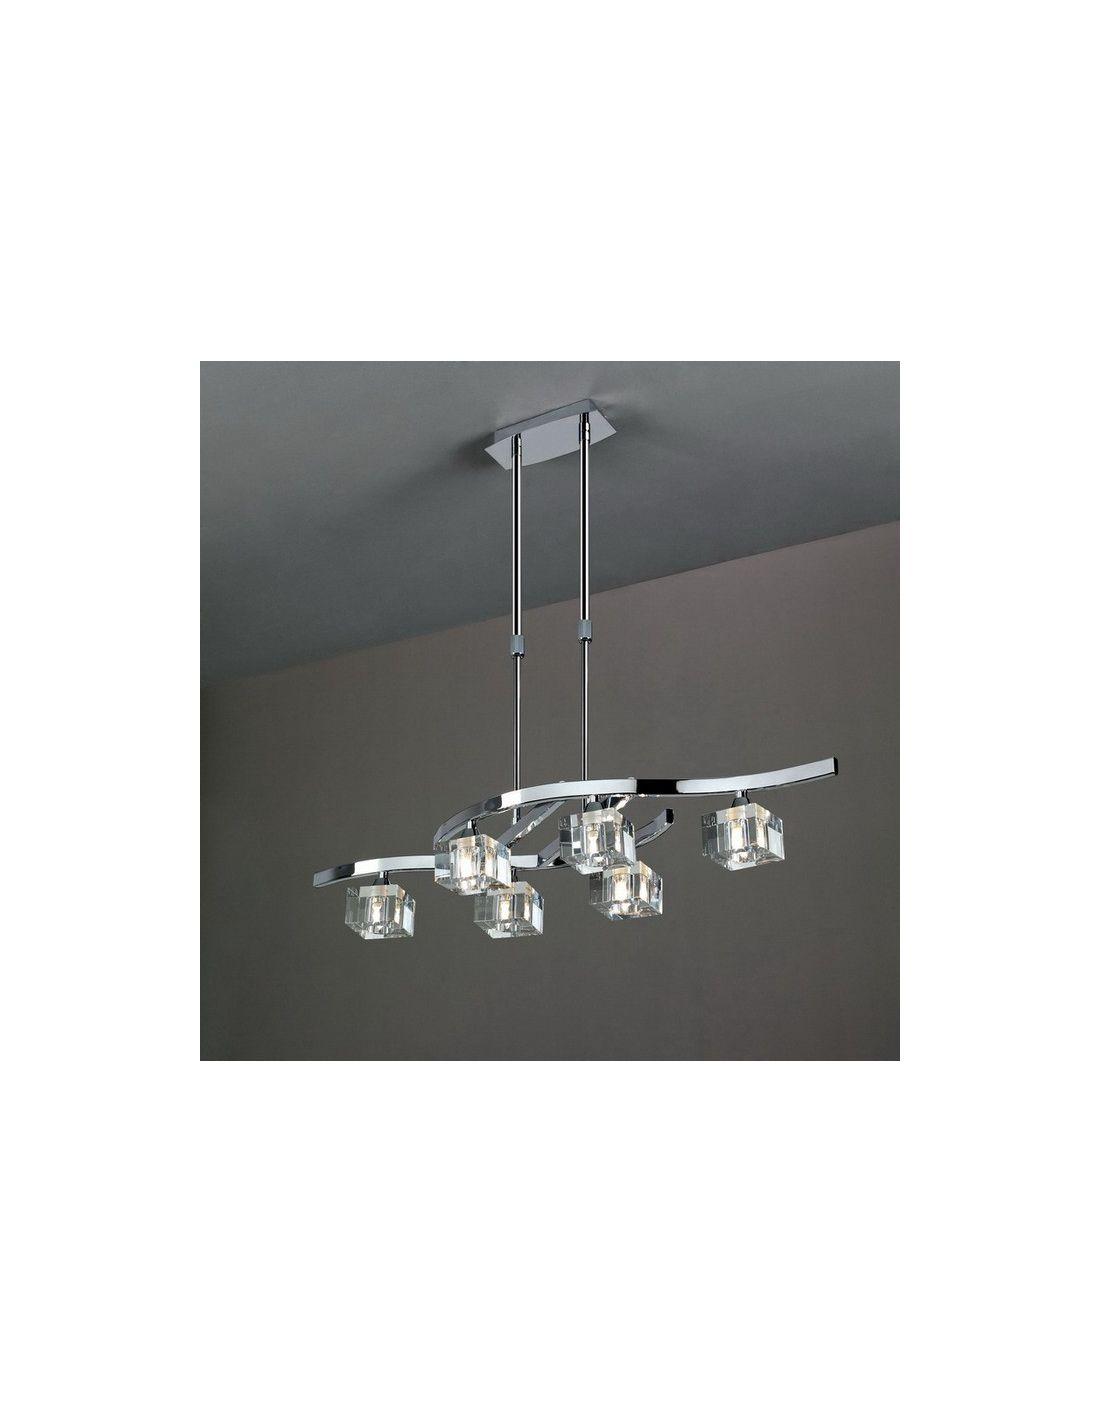 Lamparas lamparas baratas lamparas de techo baratas - Lamparas minimalistas de techo ...